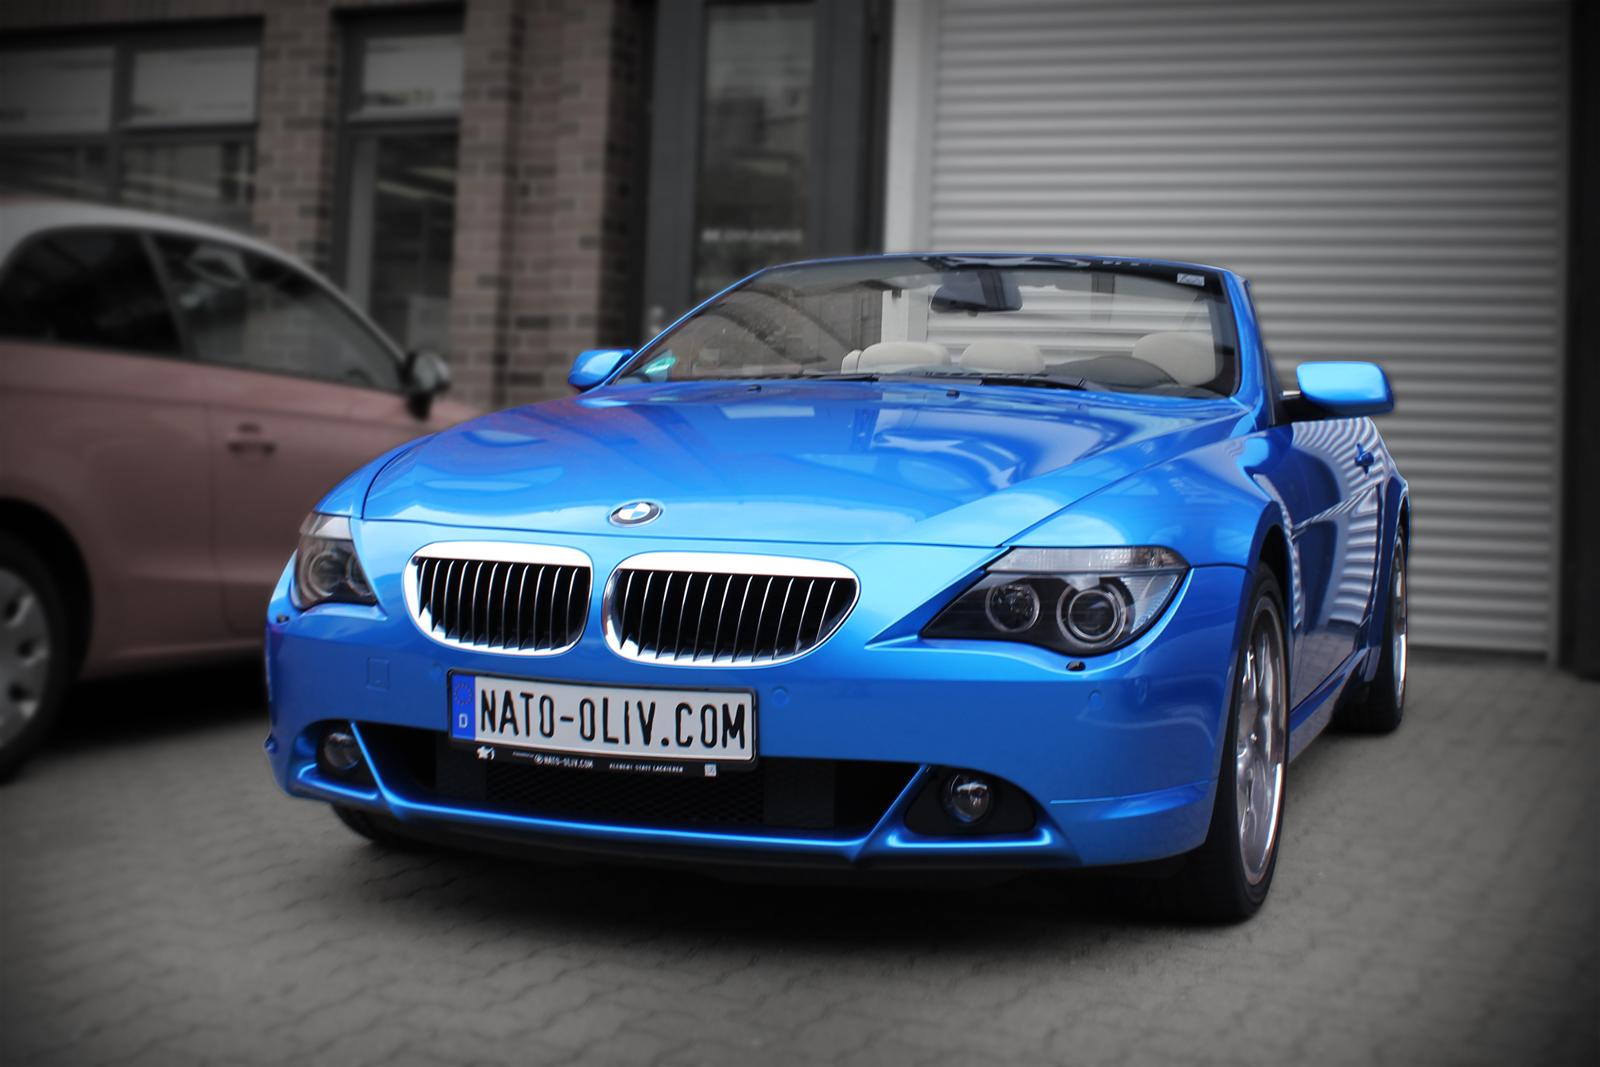 Das BMW 6er Cabrio wurde in einer hell blauen Metallic-Folie komplett beklebt.